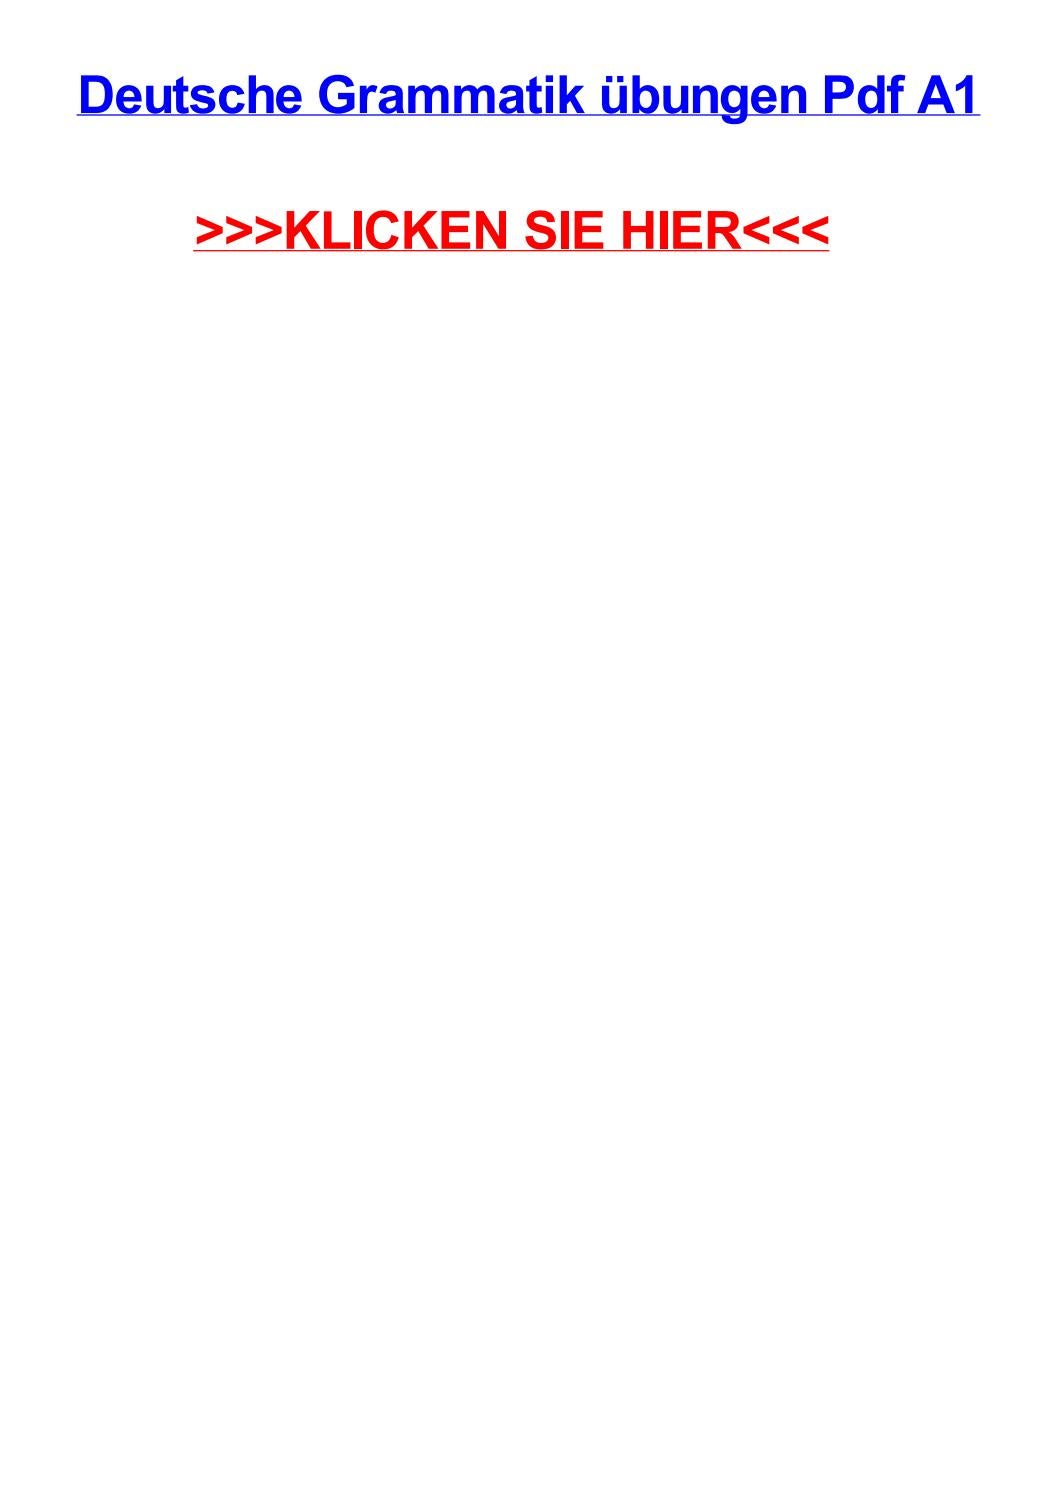 Deutsche grammatik jbungen pdf a1 by tonyqyykg - issuu